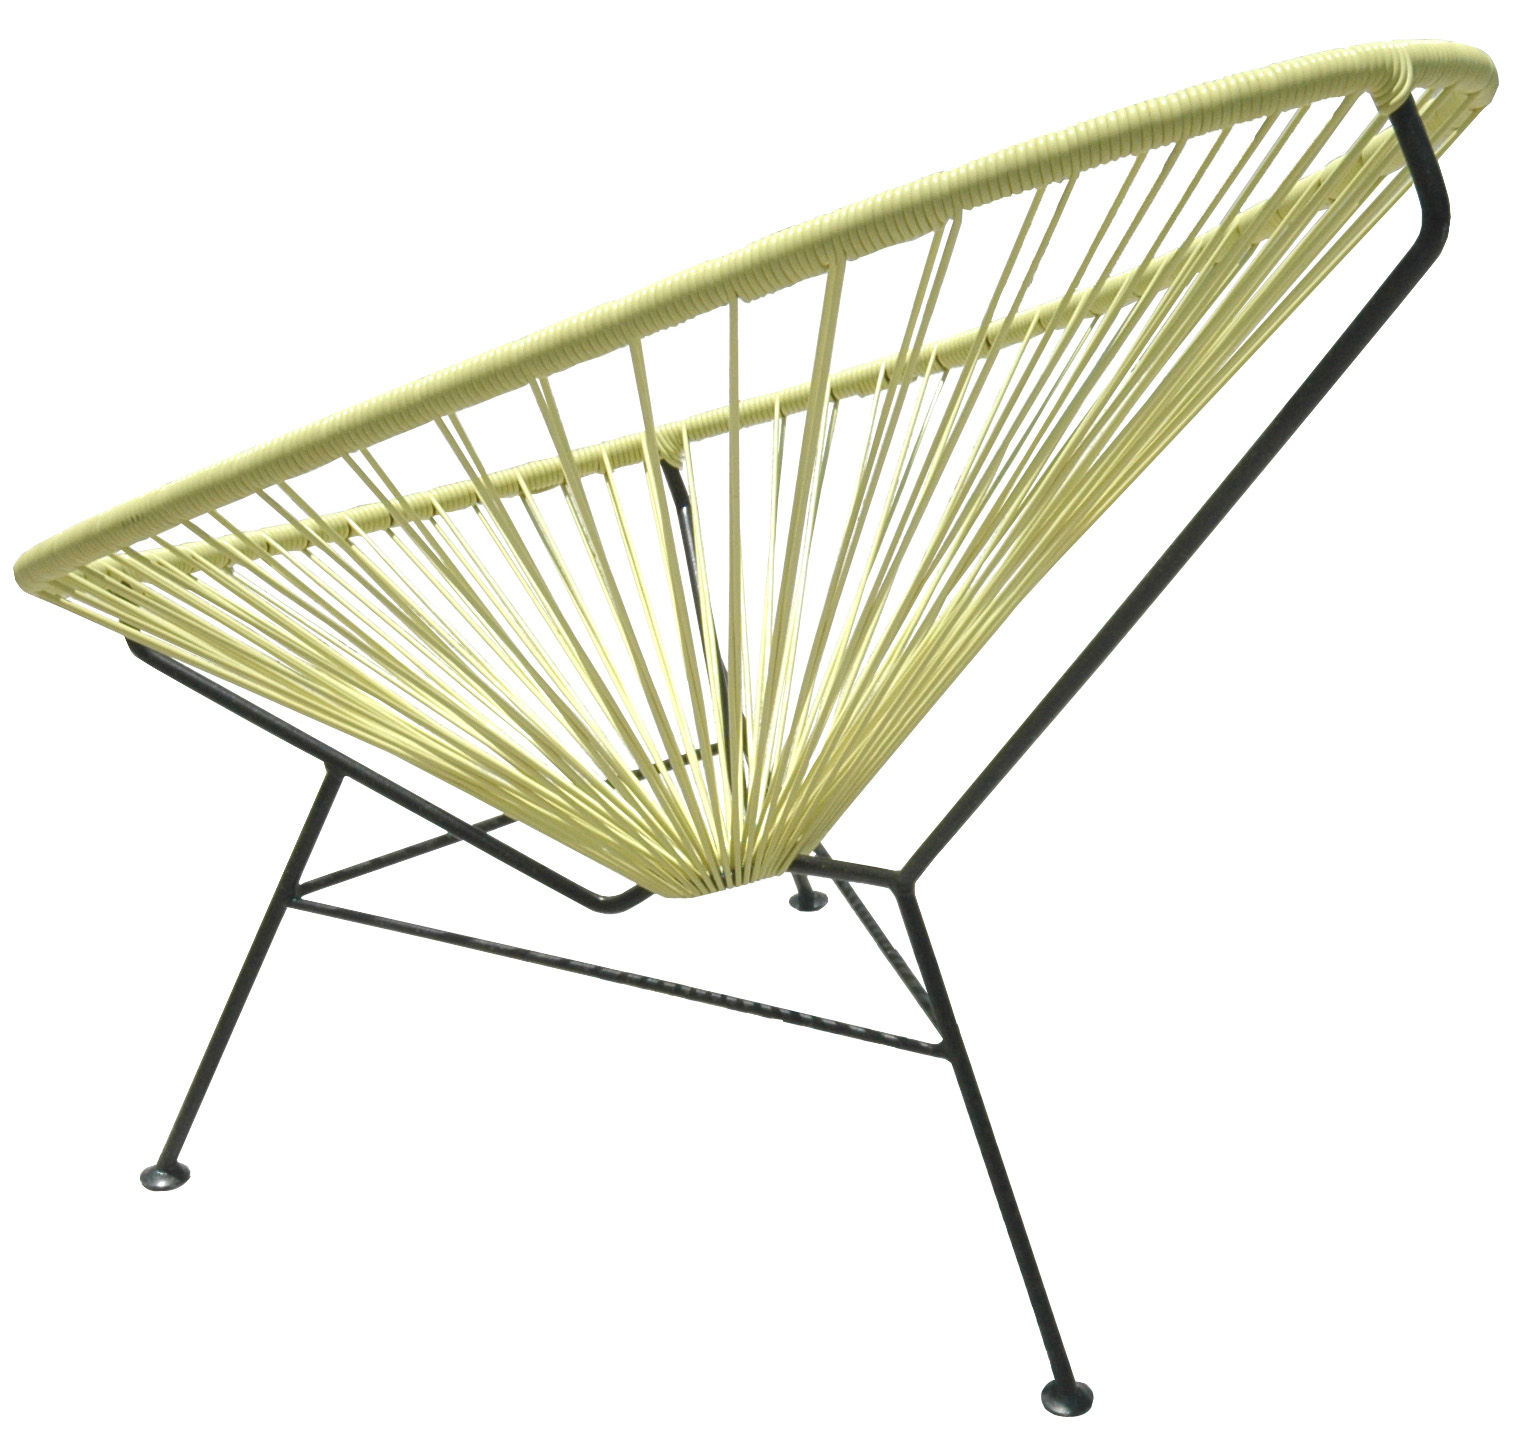 Arredamento - Poltrone design  - Poltrona bassa Acapulco di OK Design pour Sentou Edition - Giallo - Acciaio laccato, Materiale plastico